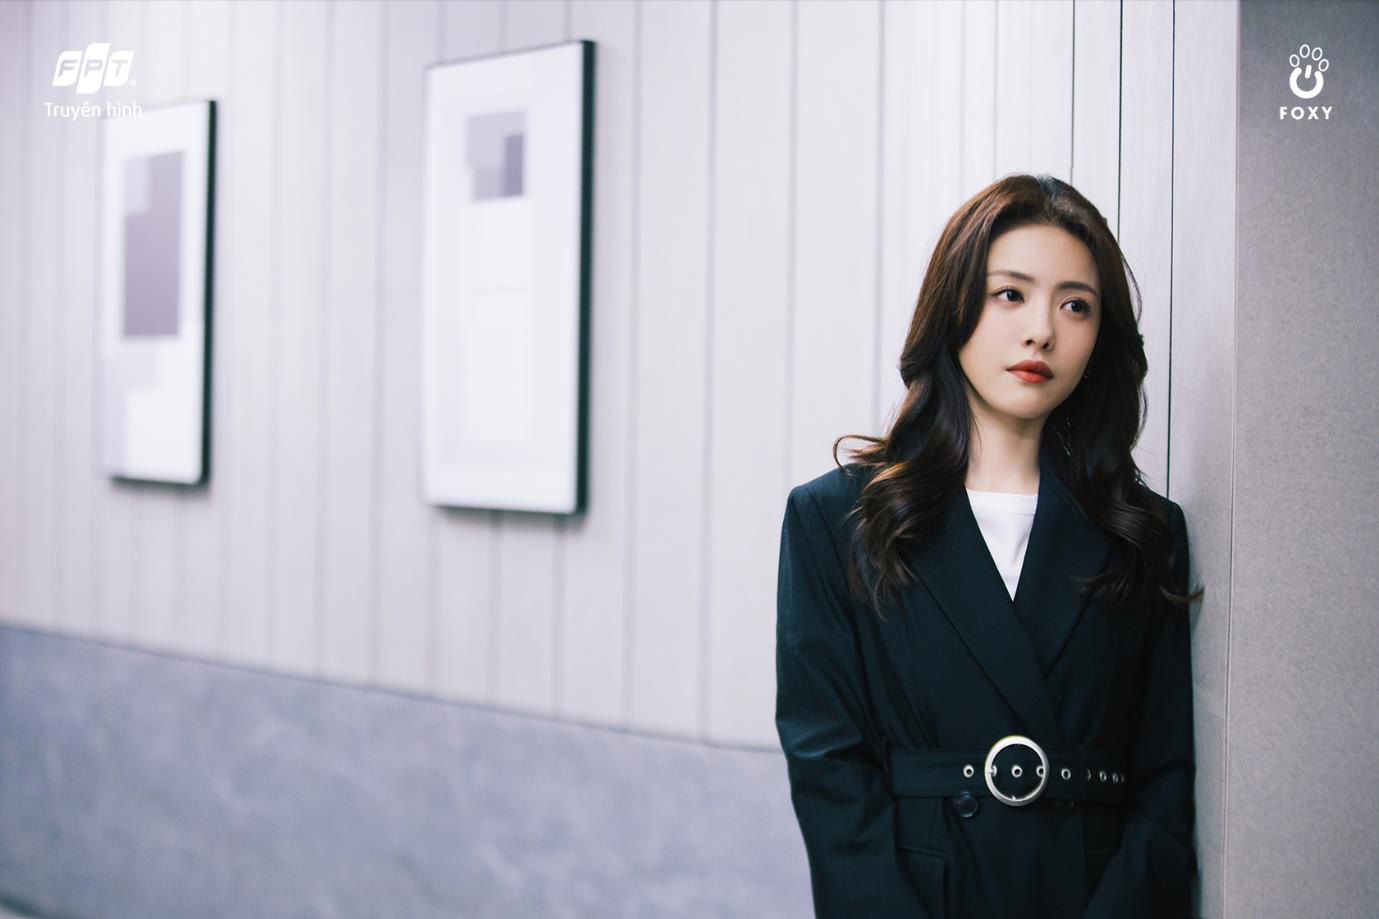 Tái ngộ Huỳnh Hiểu Minh trong bộ phim Lật Kèo ra mắt trên Truyền hình FPT - Ảnh 5.